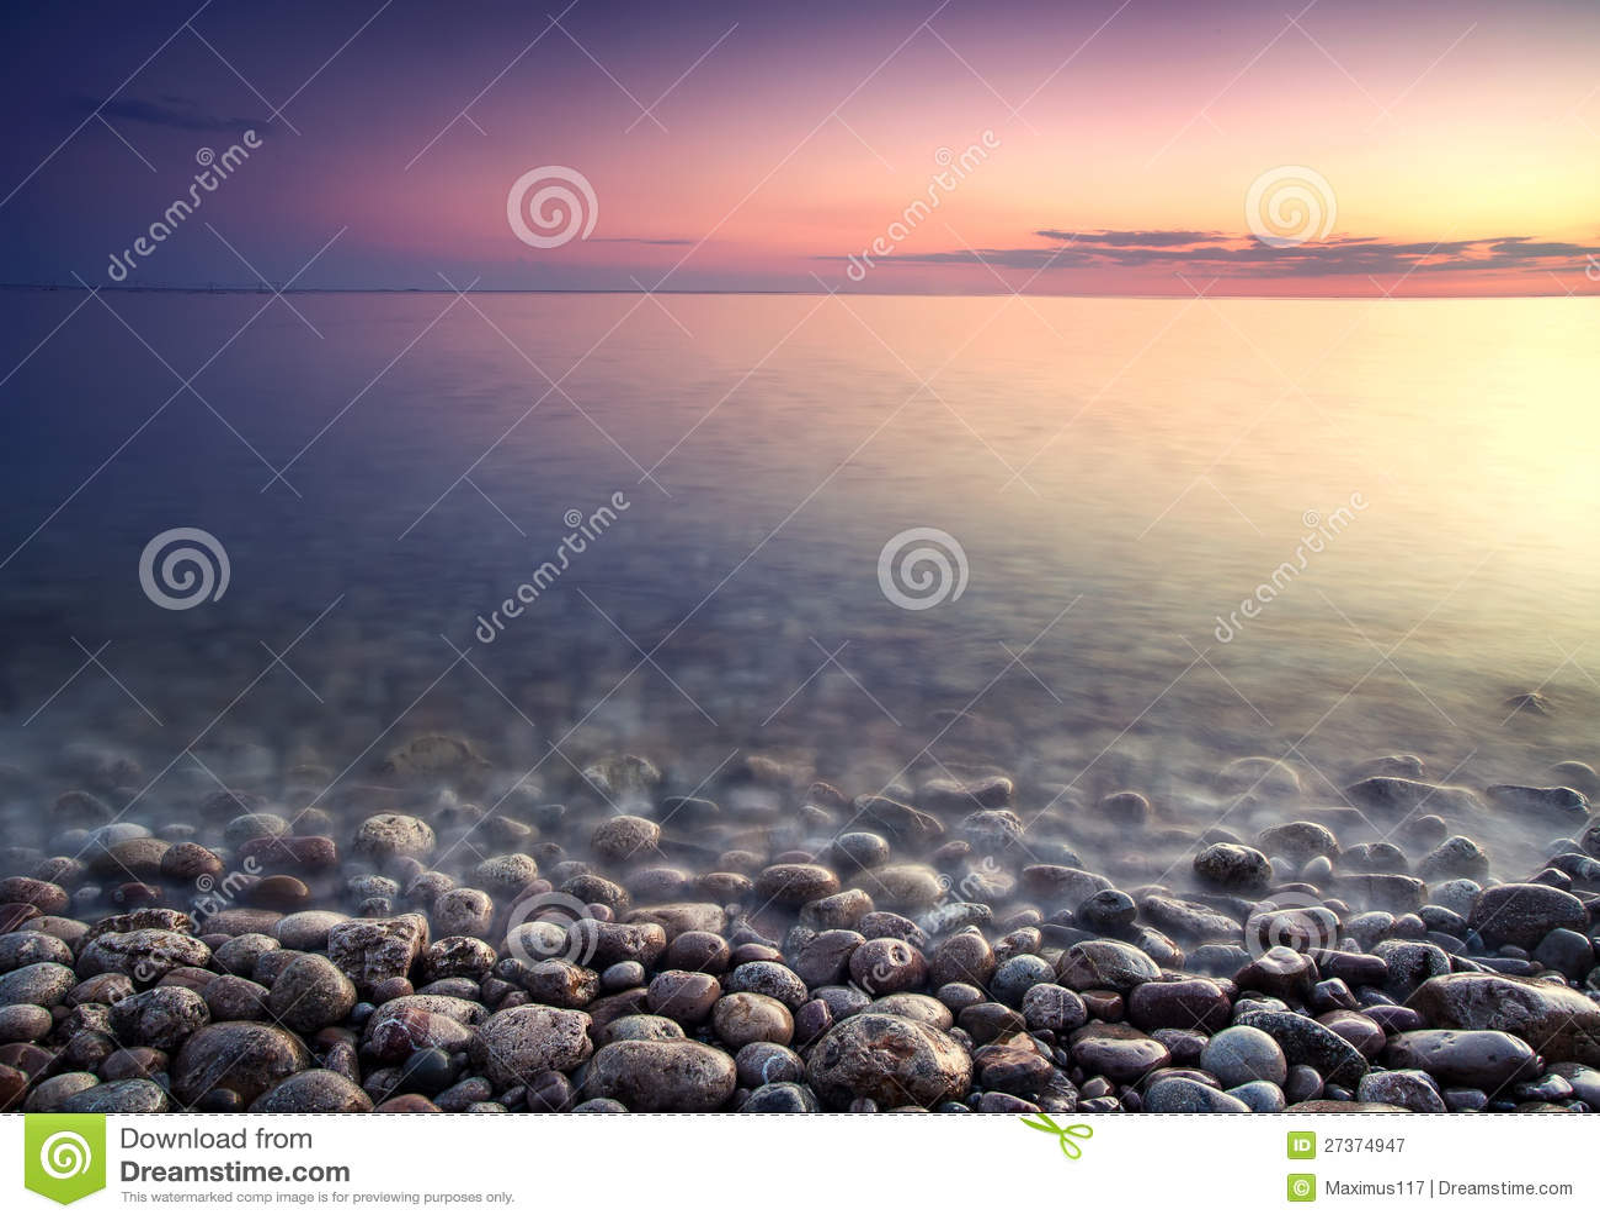 Каек моря. Состав природы захода солнца.